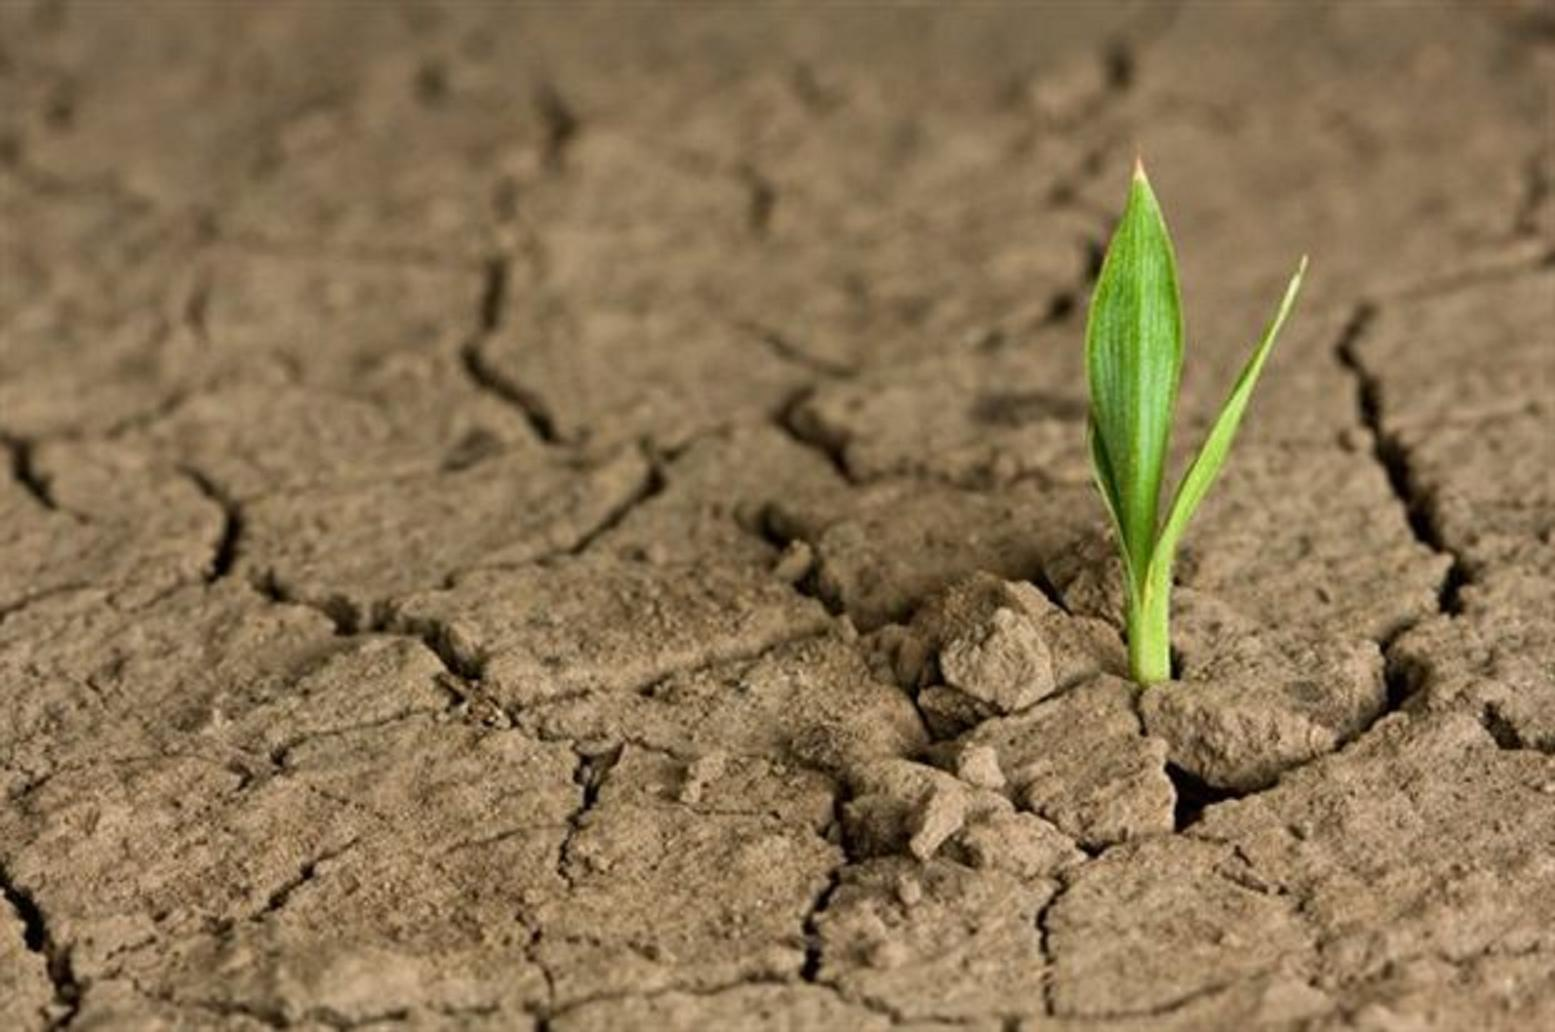 H αύξηση του διοξειδίου του άνθρακα στην ατμόσφαιρα ευνοεί την ανάπτυξη φυτών στις ερήμους